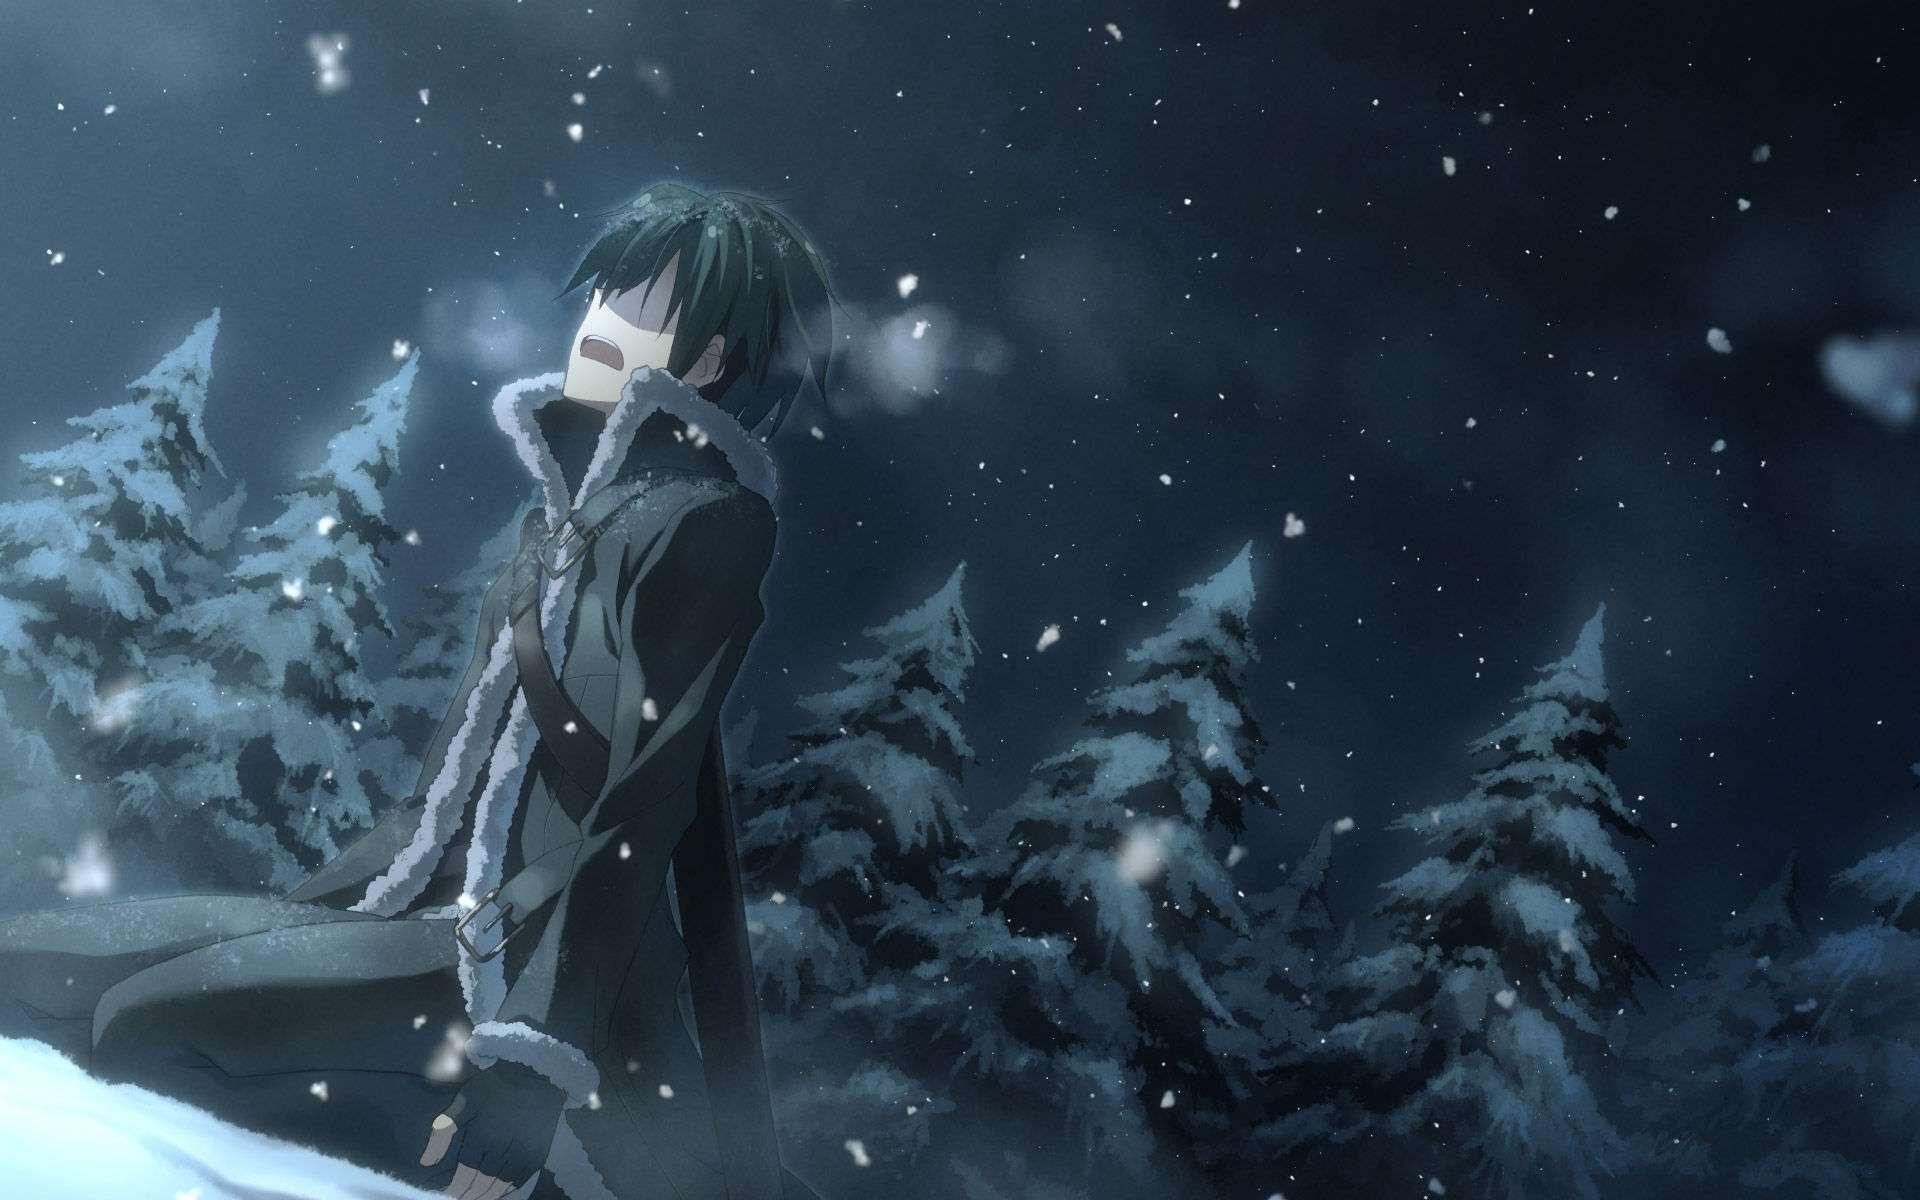 Sword Art Online Anime Wallpaper 020